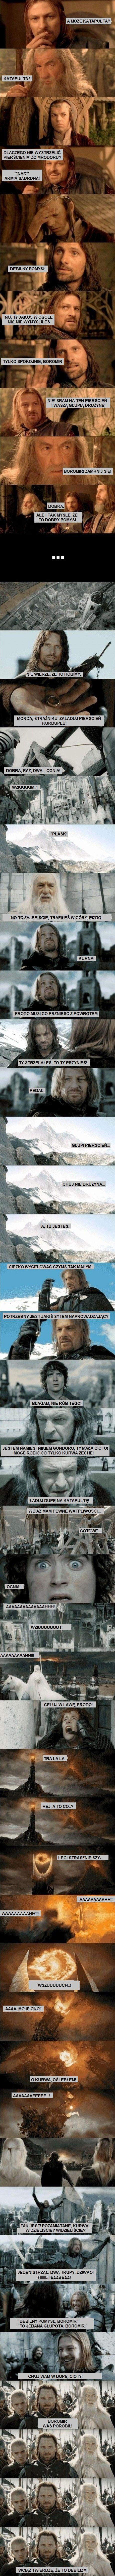 Onezer search image jack - O Matko Alternatywna Wersja W Adcy Pier Cieni